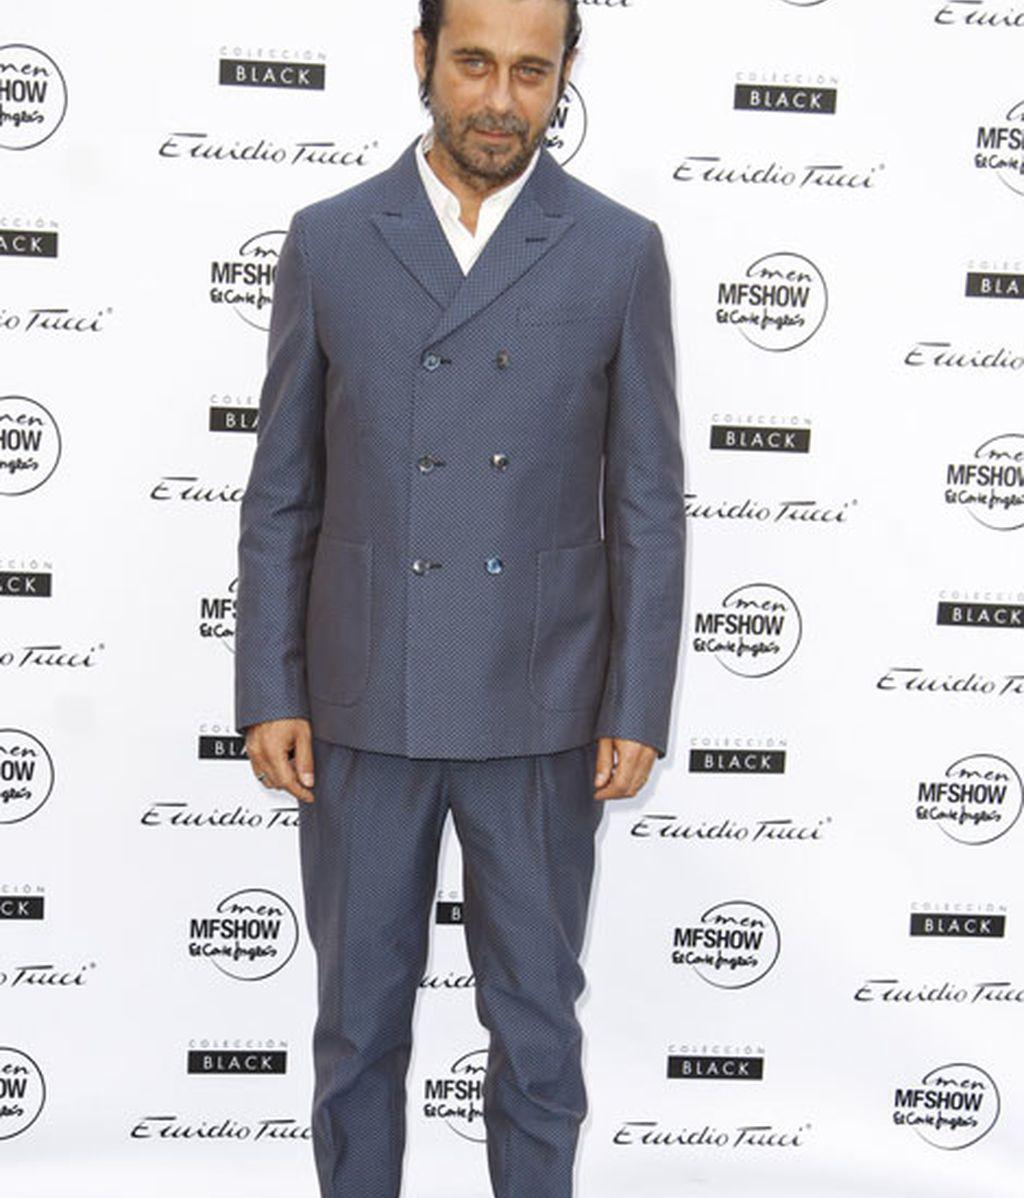 El actor Jordi Mollà optó por un traje con chaqueta cerrada